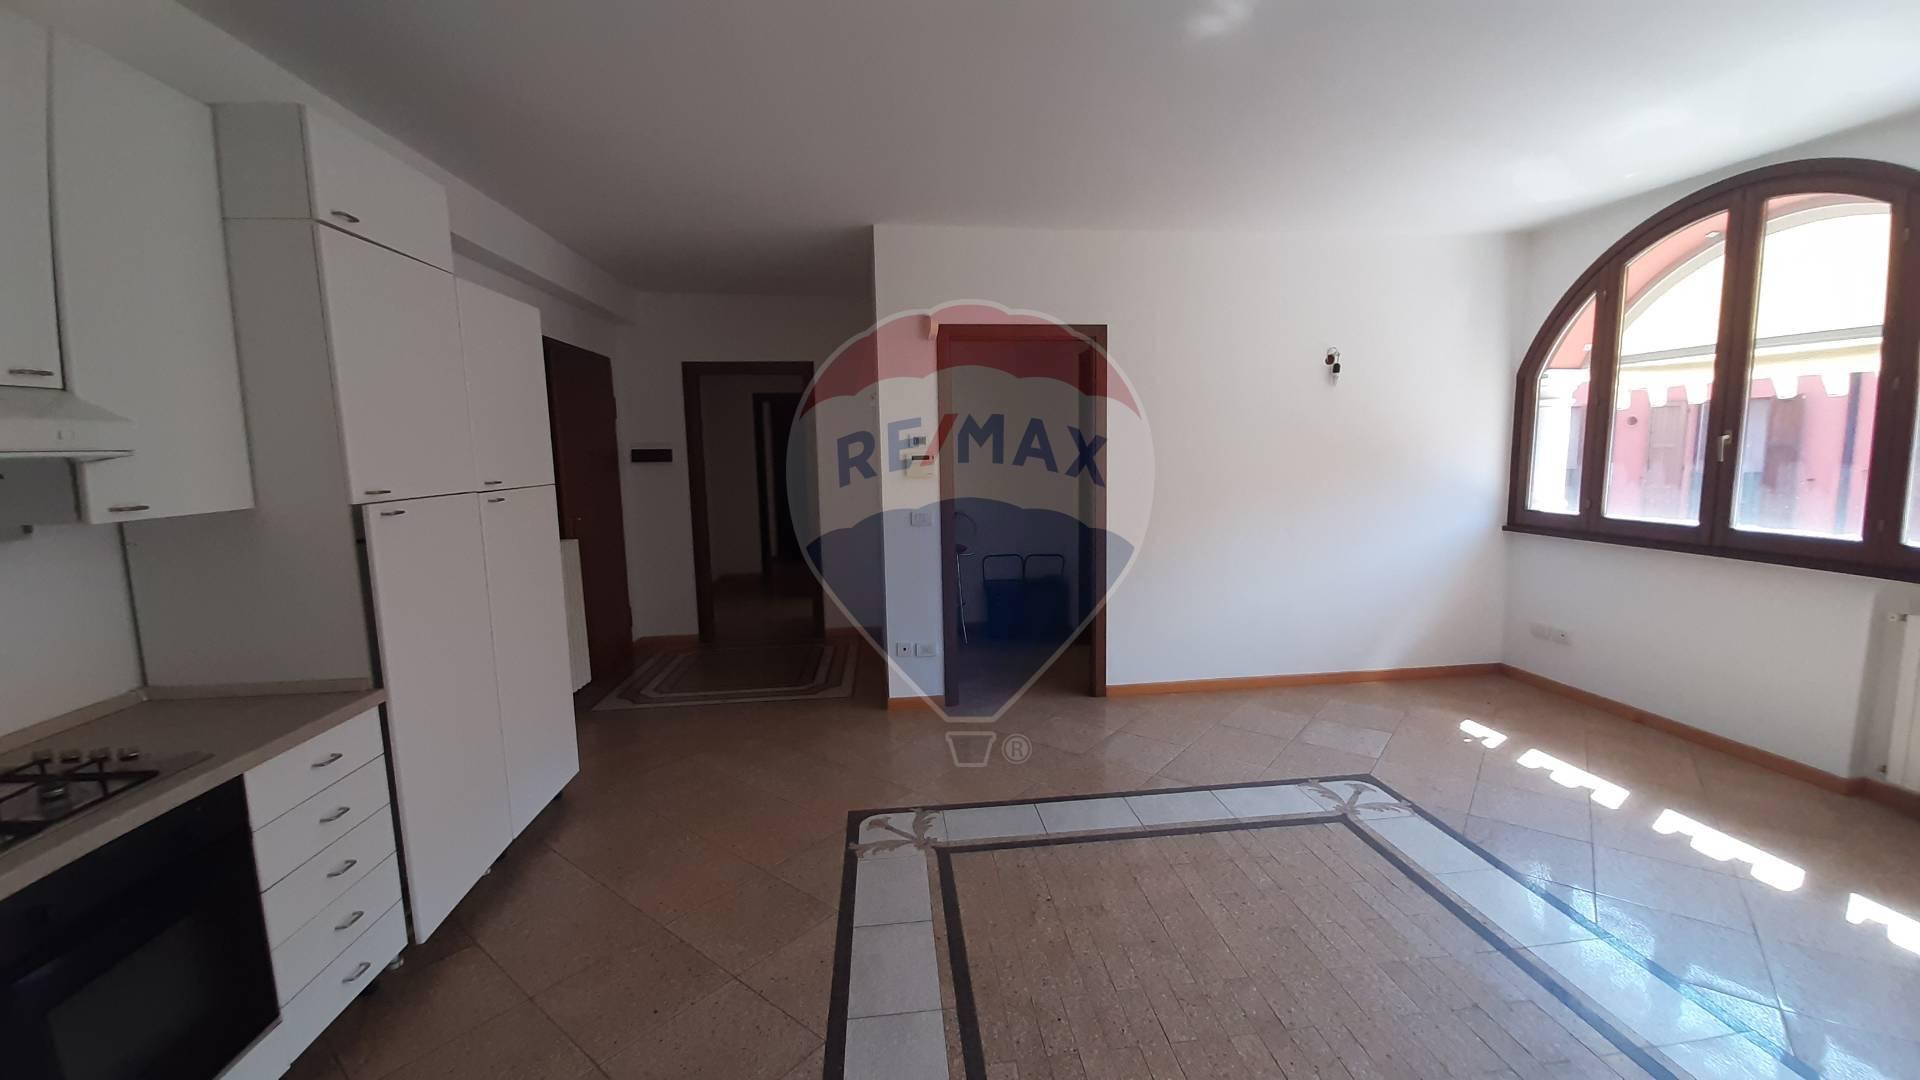 Appartamento in vendita a Soiano del Lago, 3 locali, prezzo € 135.000 | CambioCasa.it